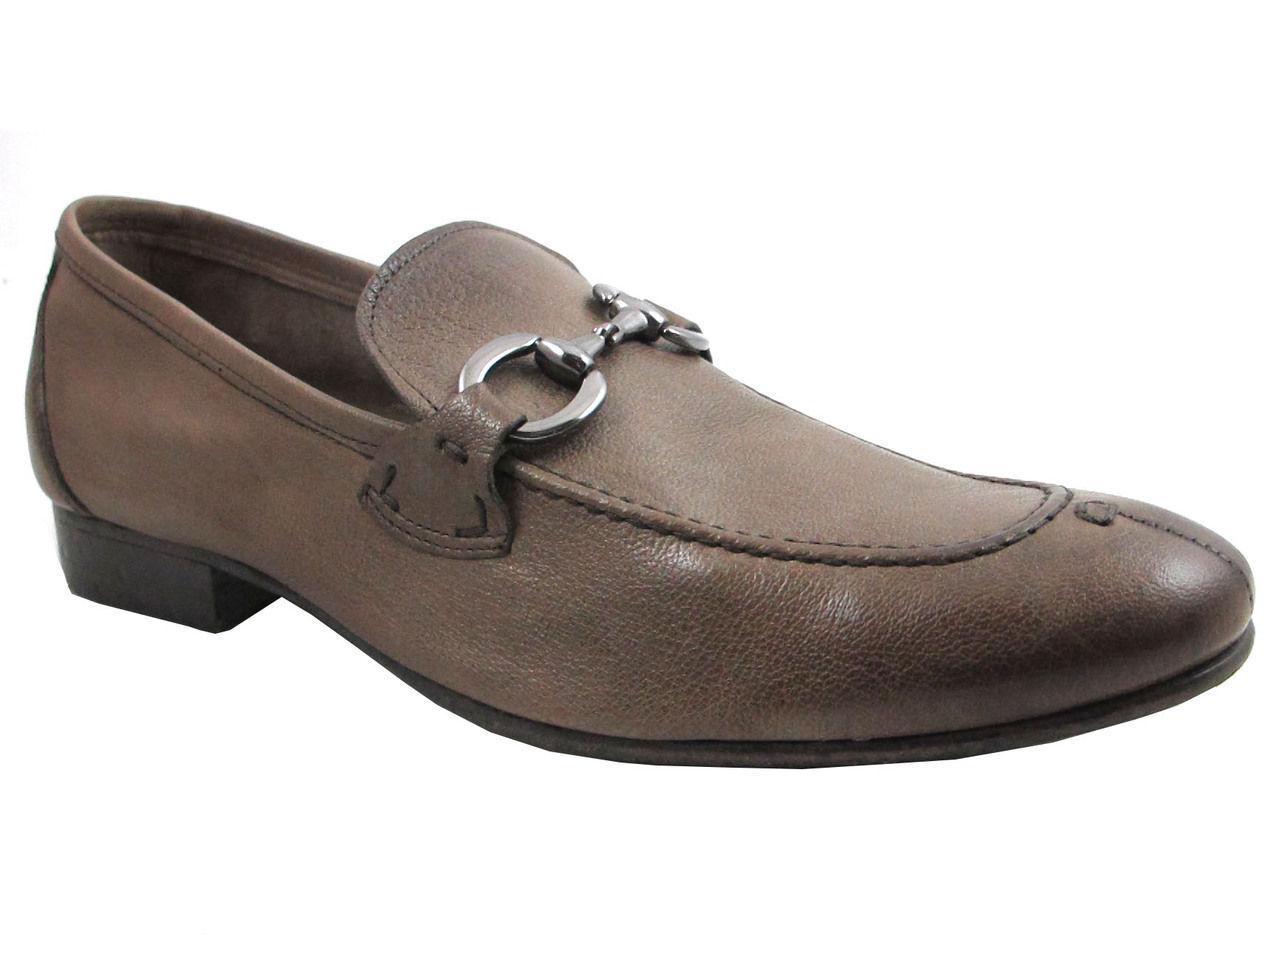 benvenuto per ordinare Davinci 1339 Uomo Uomo Uomo Baby Soft Leather Italian Slip on scarpe blu and Marrone  vendita calda